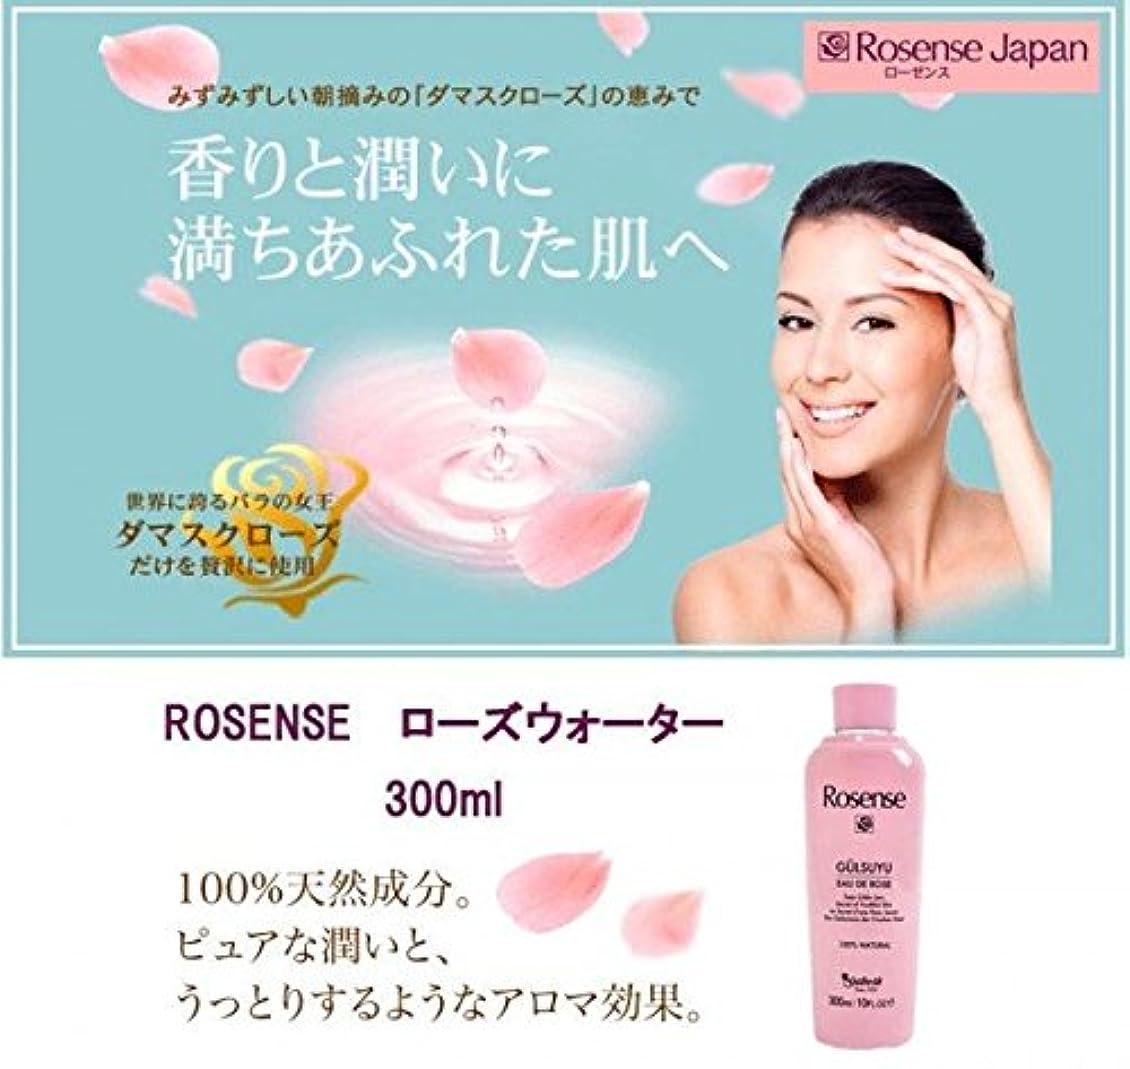 スリラー不正直略すROSENSE ローズウォーター 300ml バラの芳醇な香りに包まれながら お肌を整えます